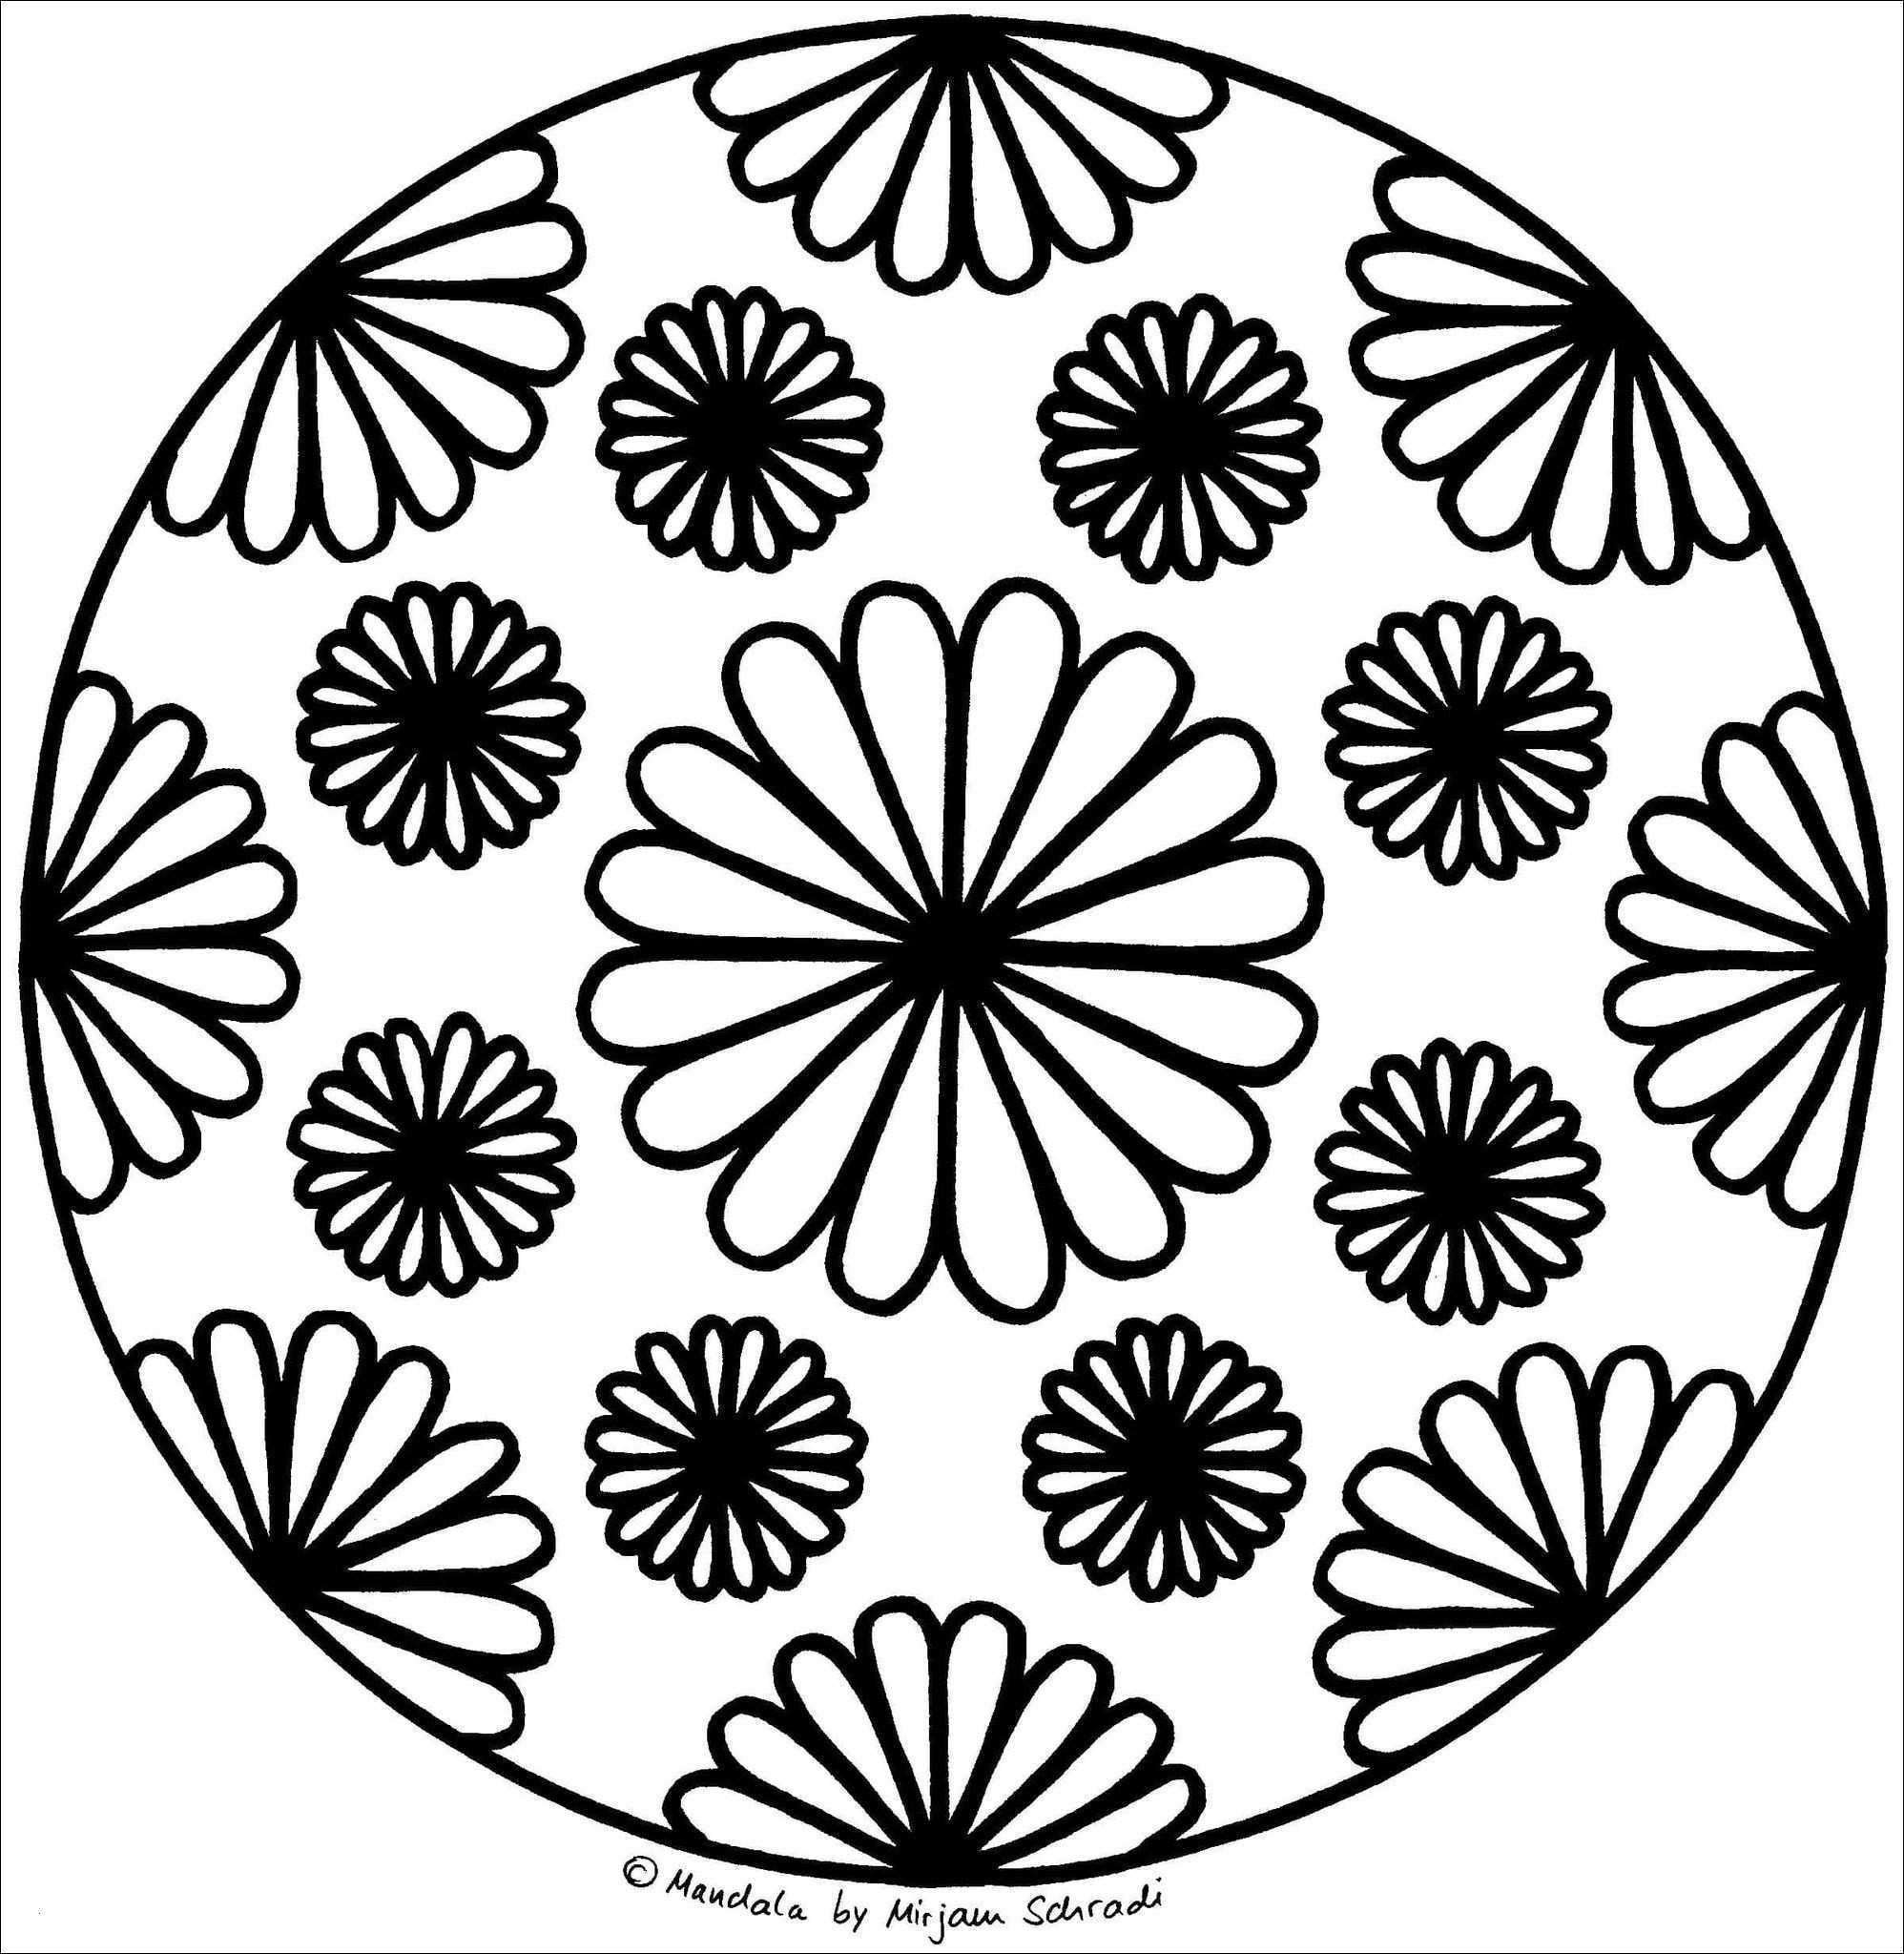 Malvorlagen Blumen Ranken Frisch Malvorlagen Blumen Ranken Foto Bildergalerie & Bilder Zum Ausmalen Sammlung